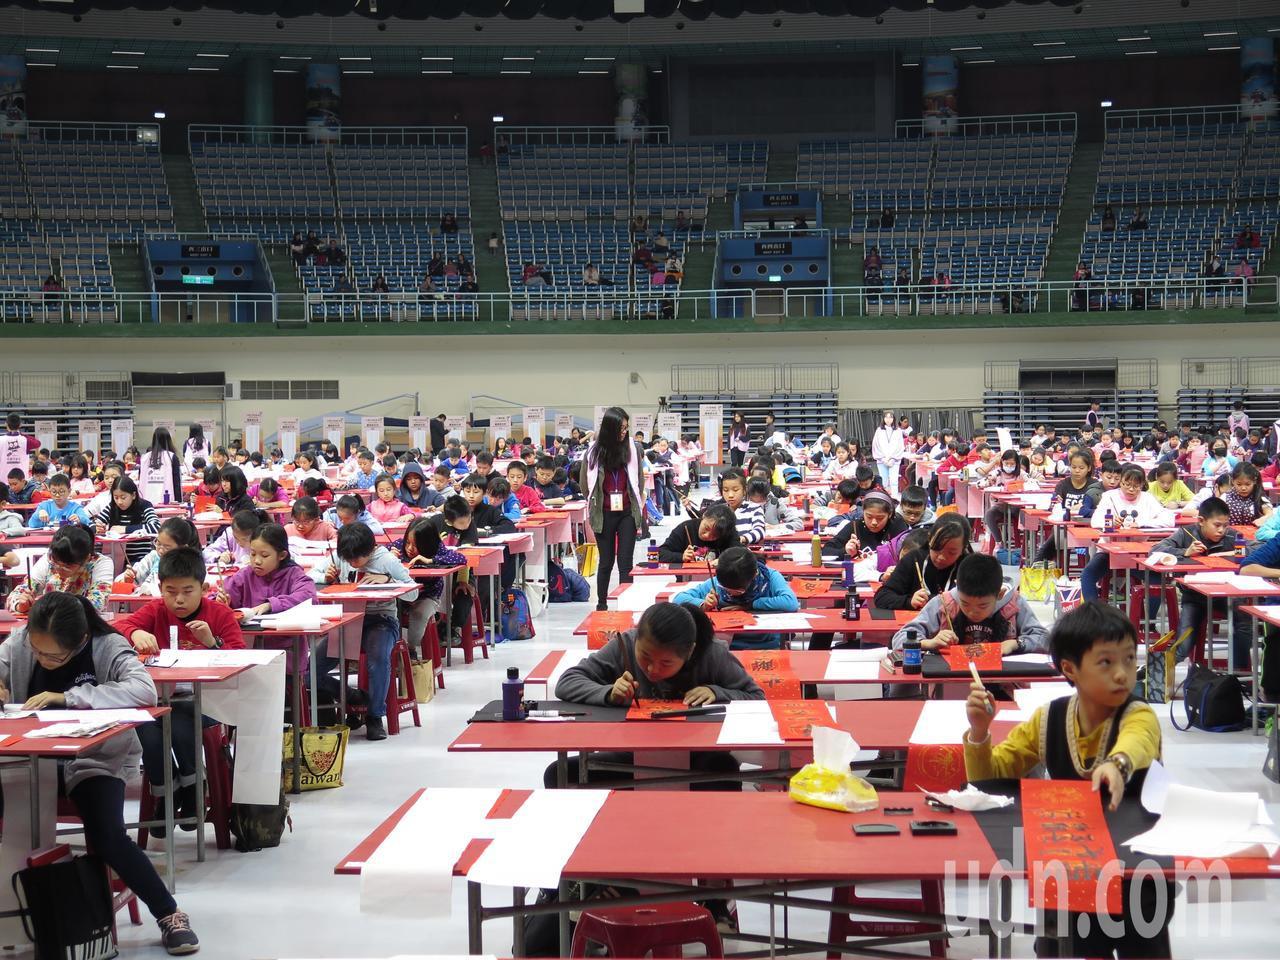 桃園市政府文化局今天舉行全國春聯書法比賽,吸引千人參與,場面壯觀。記者張裕珍/攝...